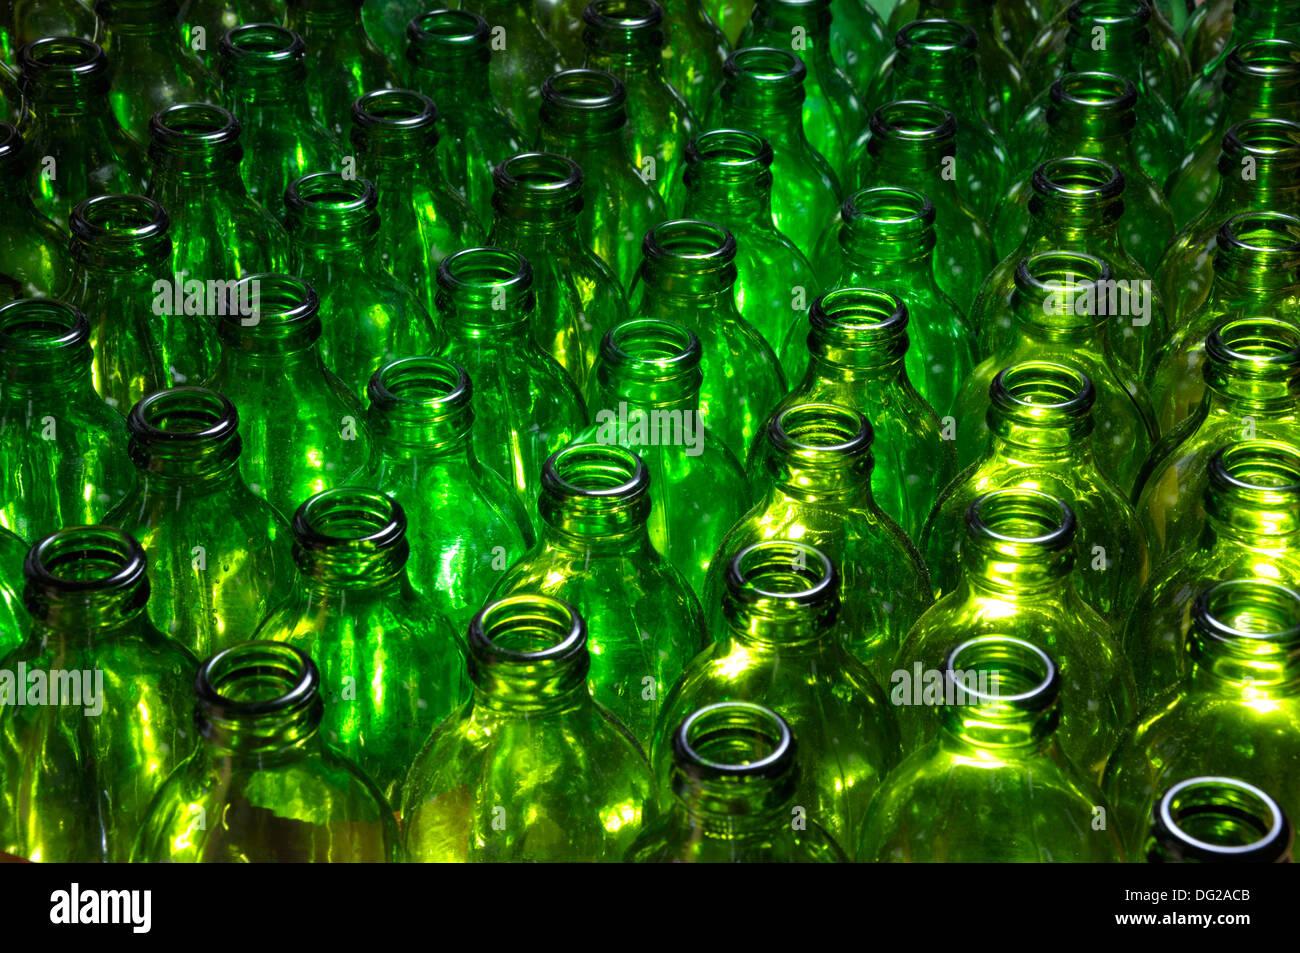 Les bouteilles de bière verte vide Photo Stock